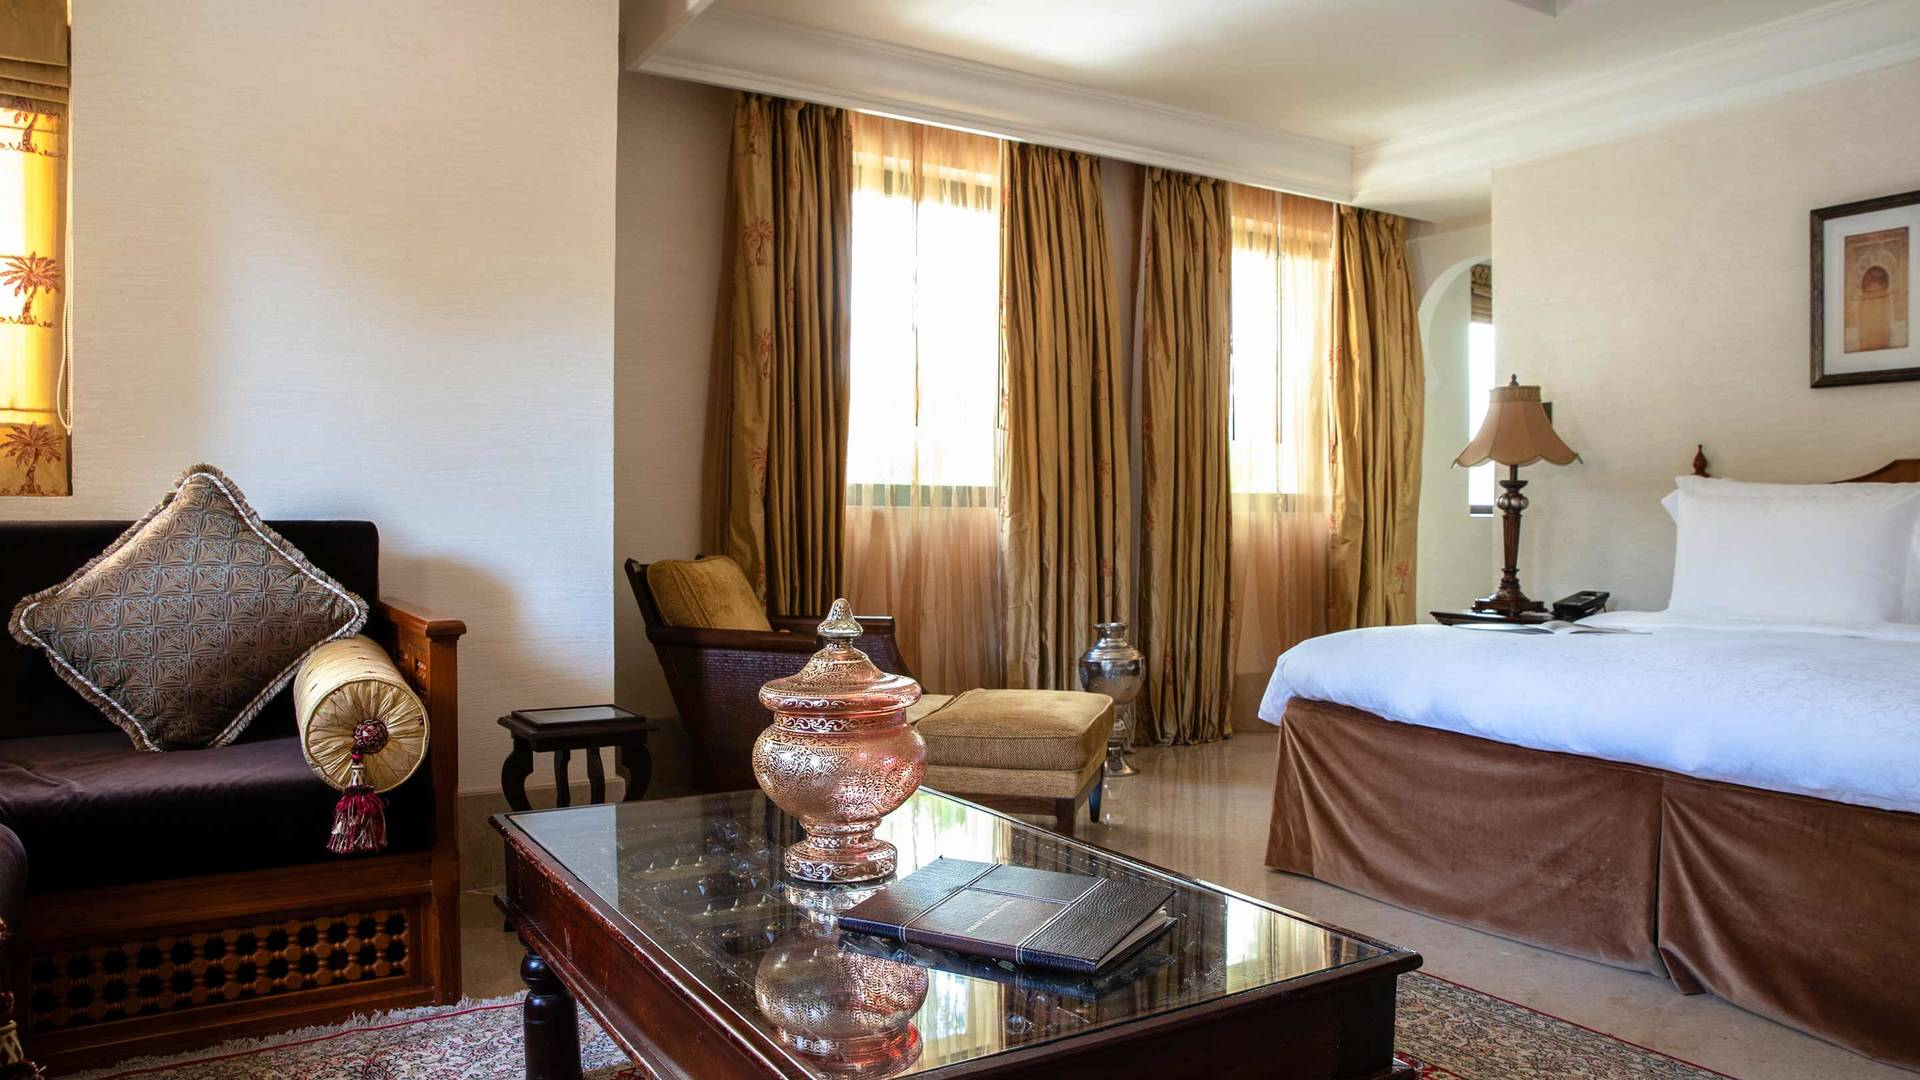 Jumeirah Dar Al Masyaf Malakiya three bedroom villa bedroom 4_16-9